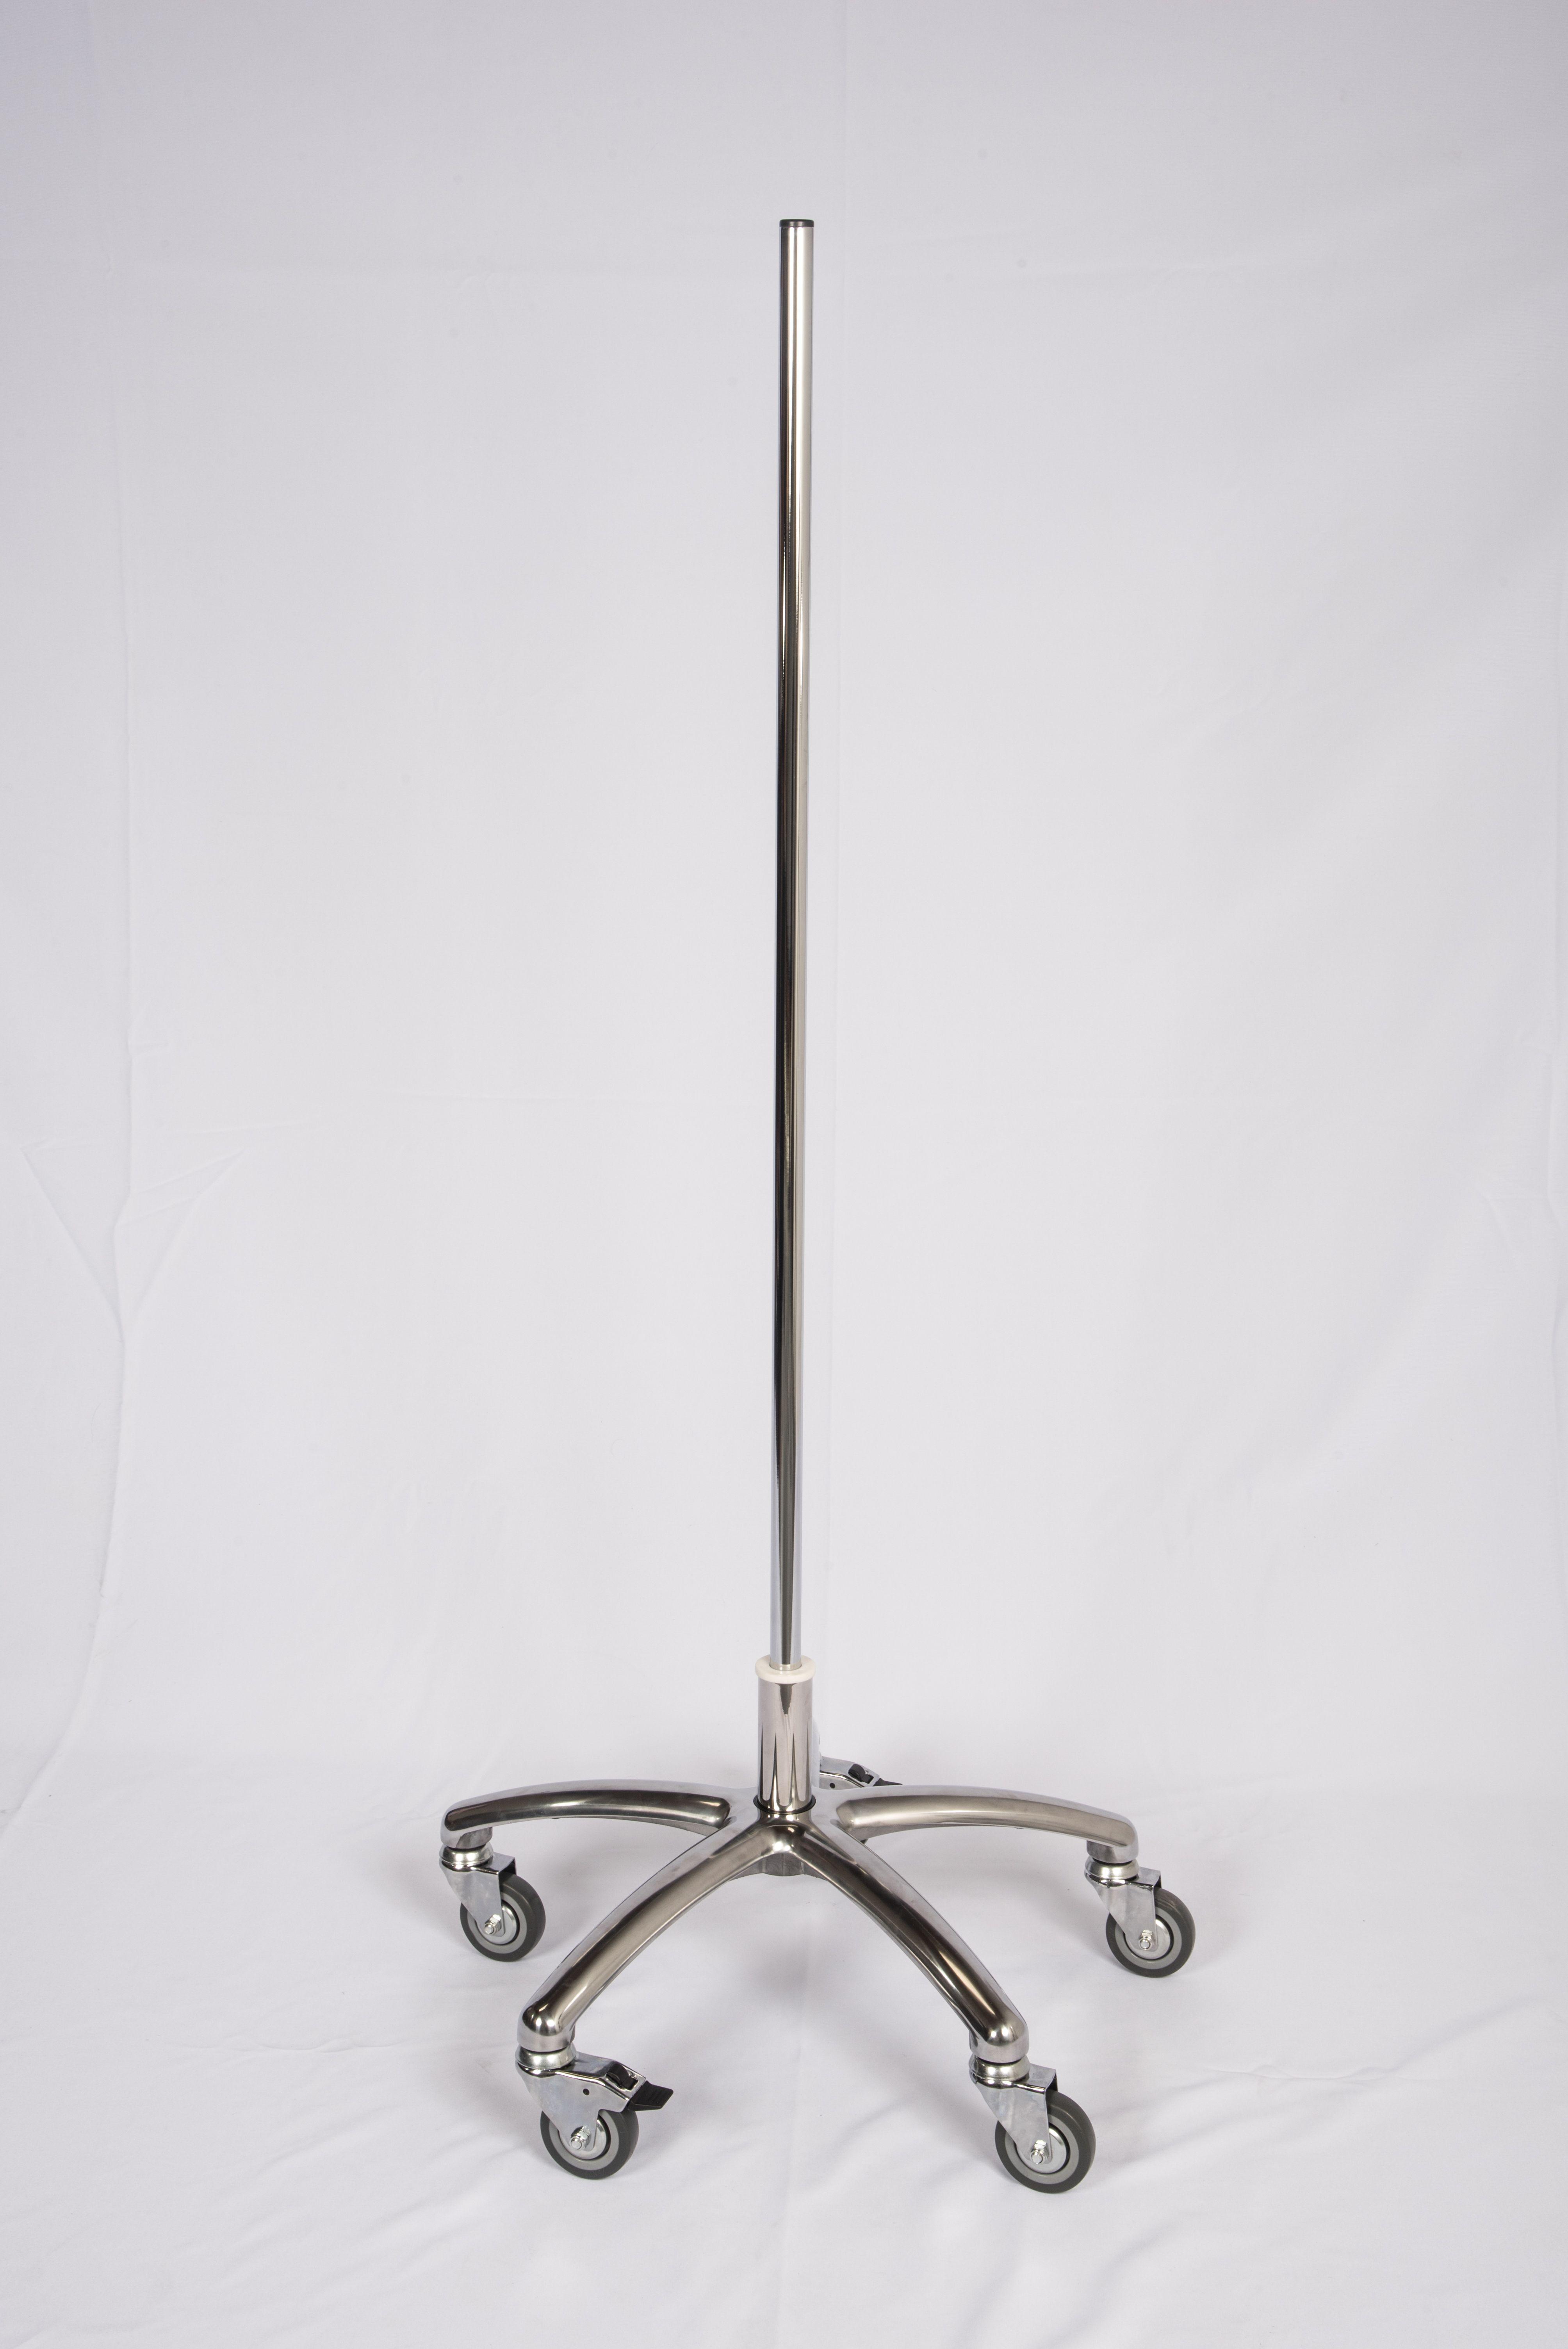 #1059-Ventilator-Stand